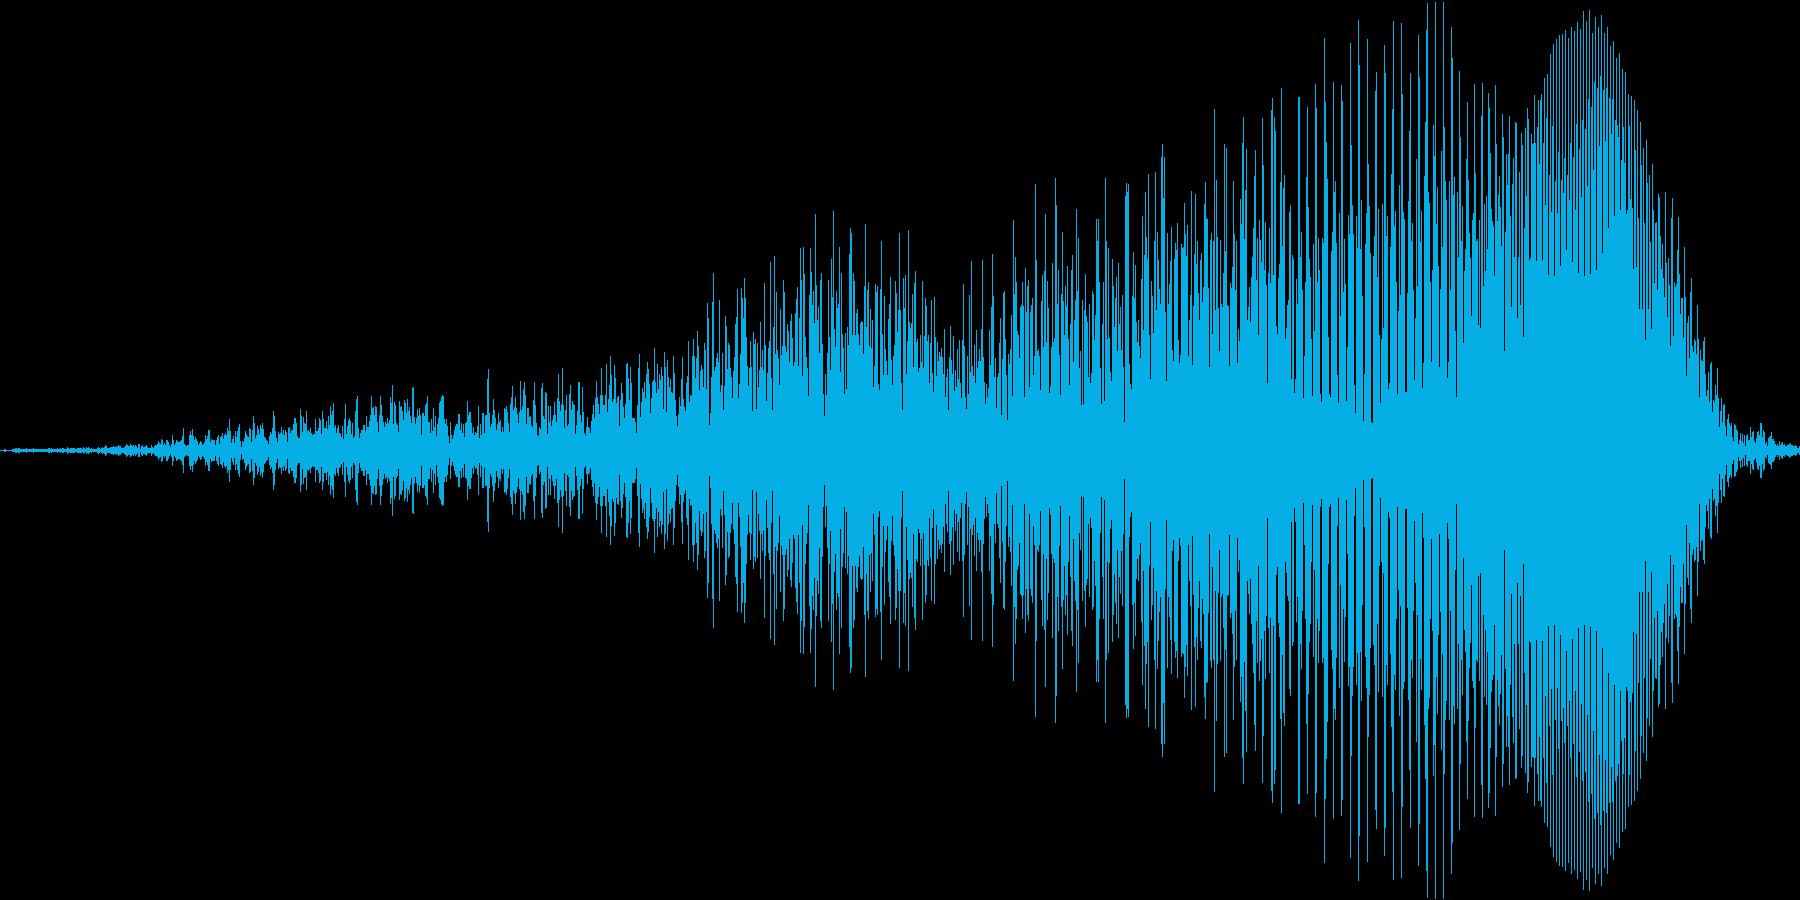 しょ!の再生済みの波形